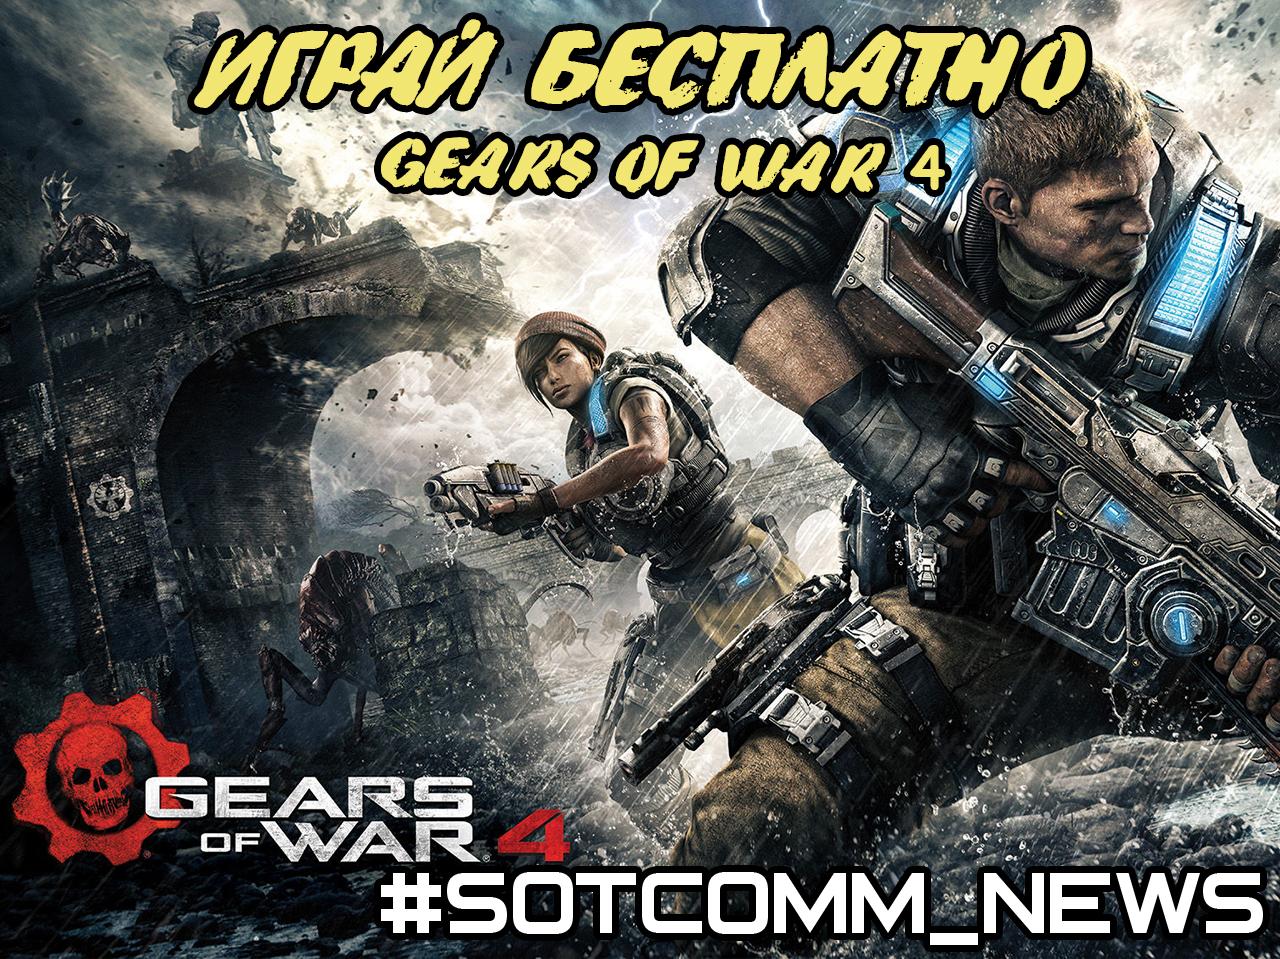 Владельцы видеокарт Nvidia смогут играть в Gears of War 4 бесплатно